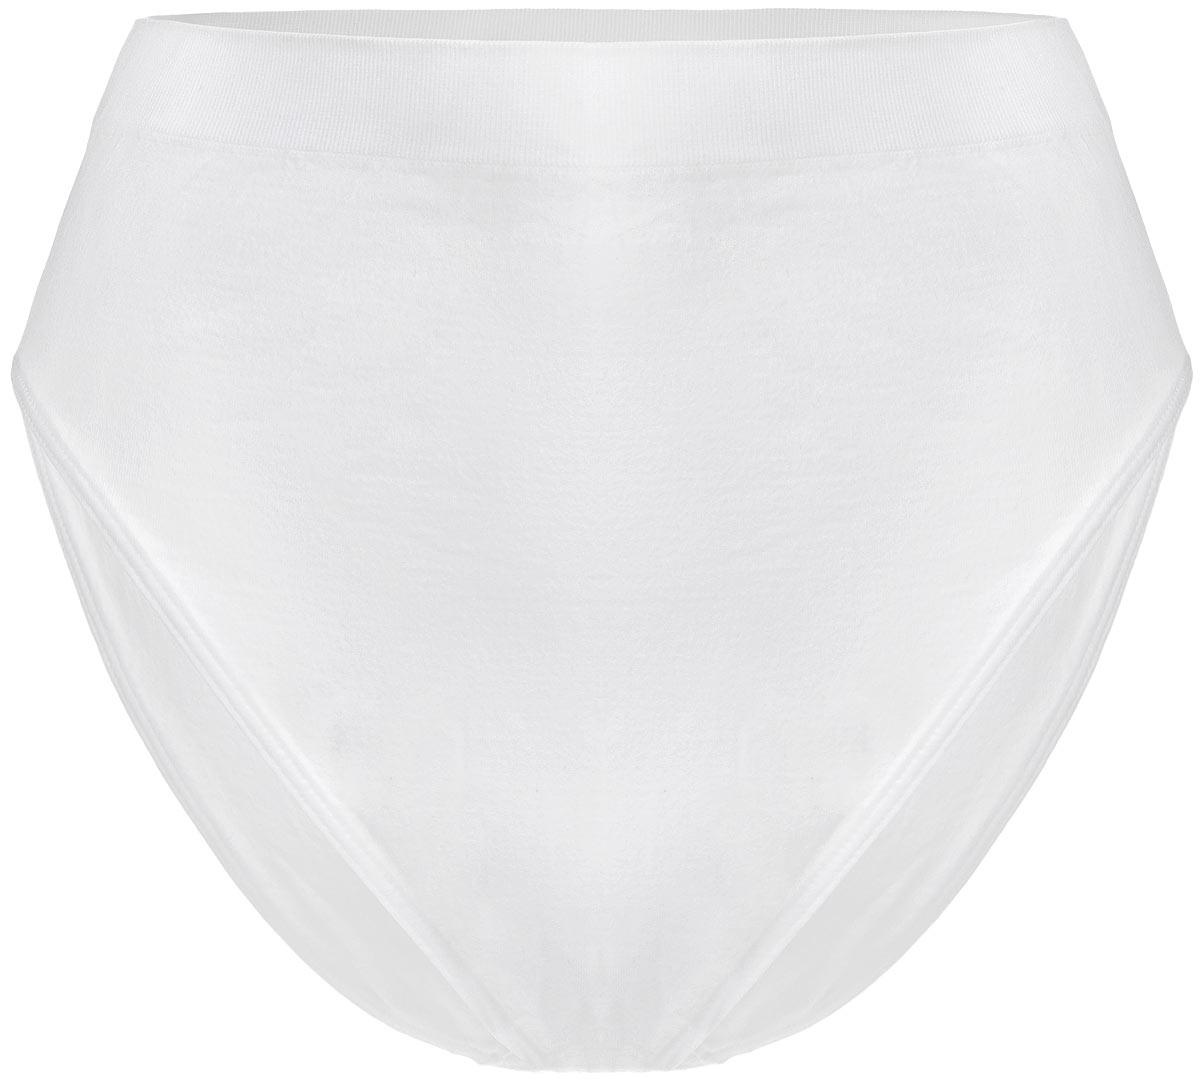 Купить Трусы-слип женские Intimidea Extra, цвет: белый. 311186_Bianco. Размер XXXL (56/58)